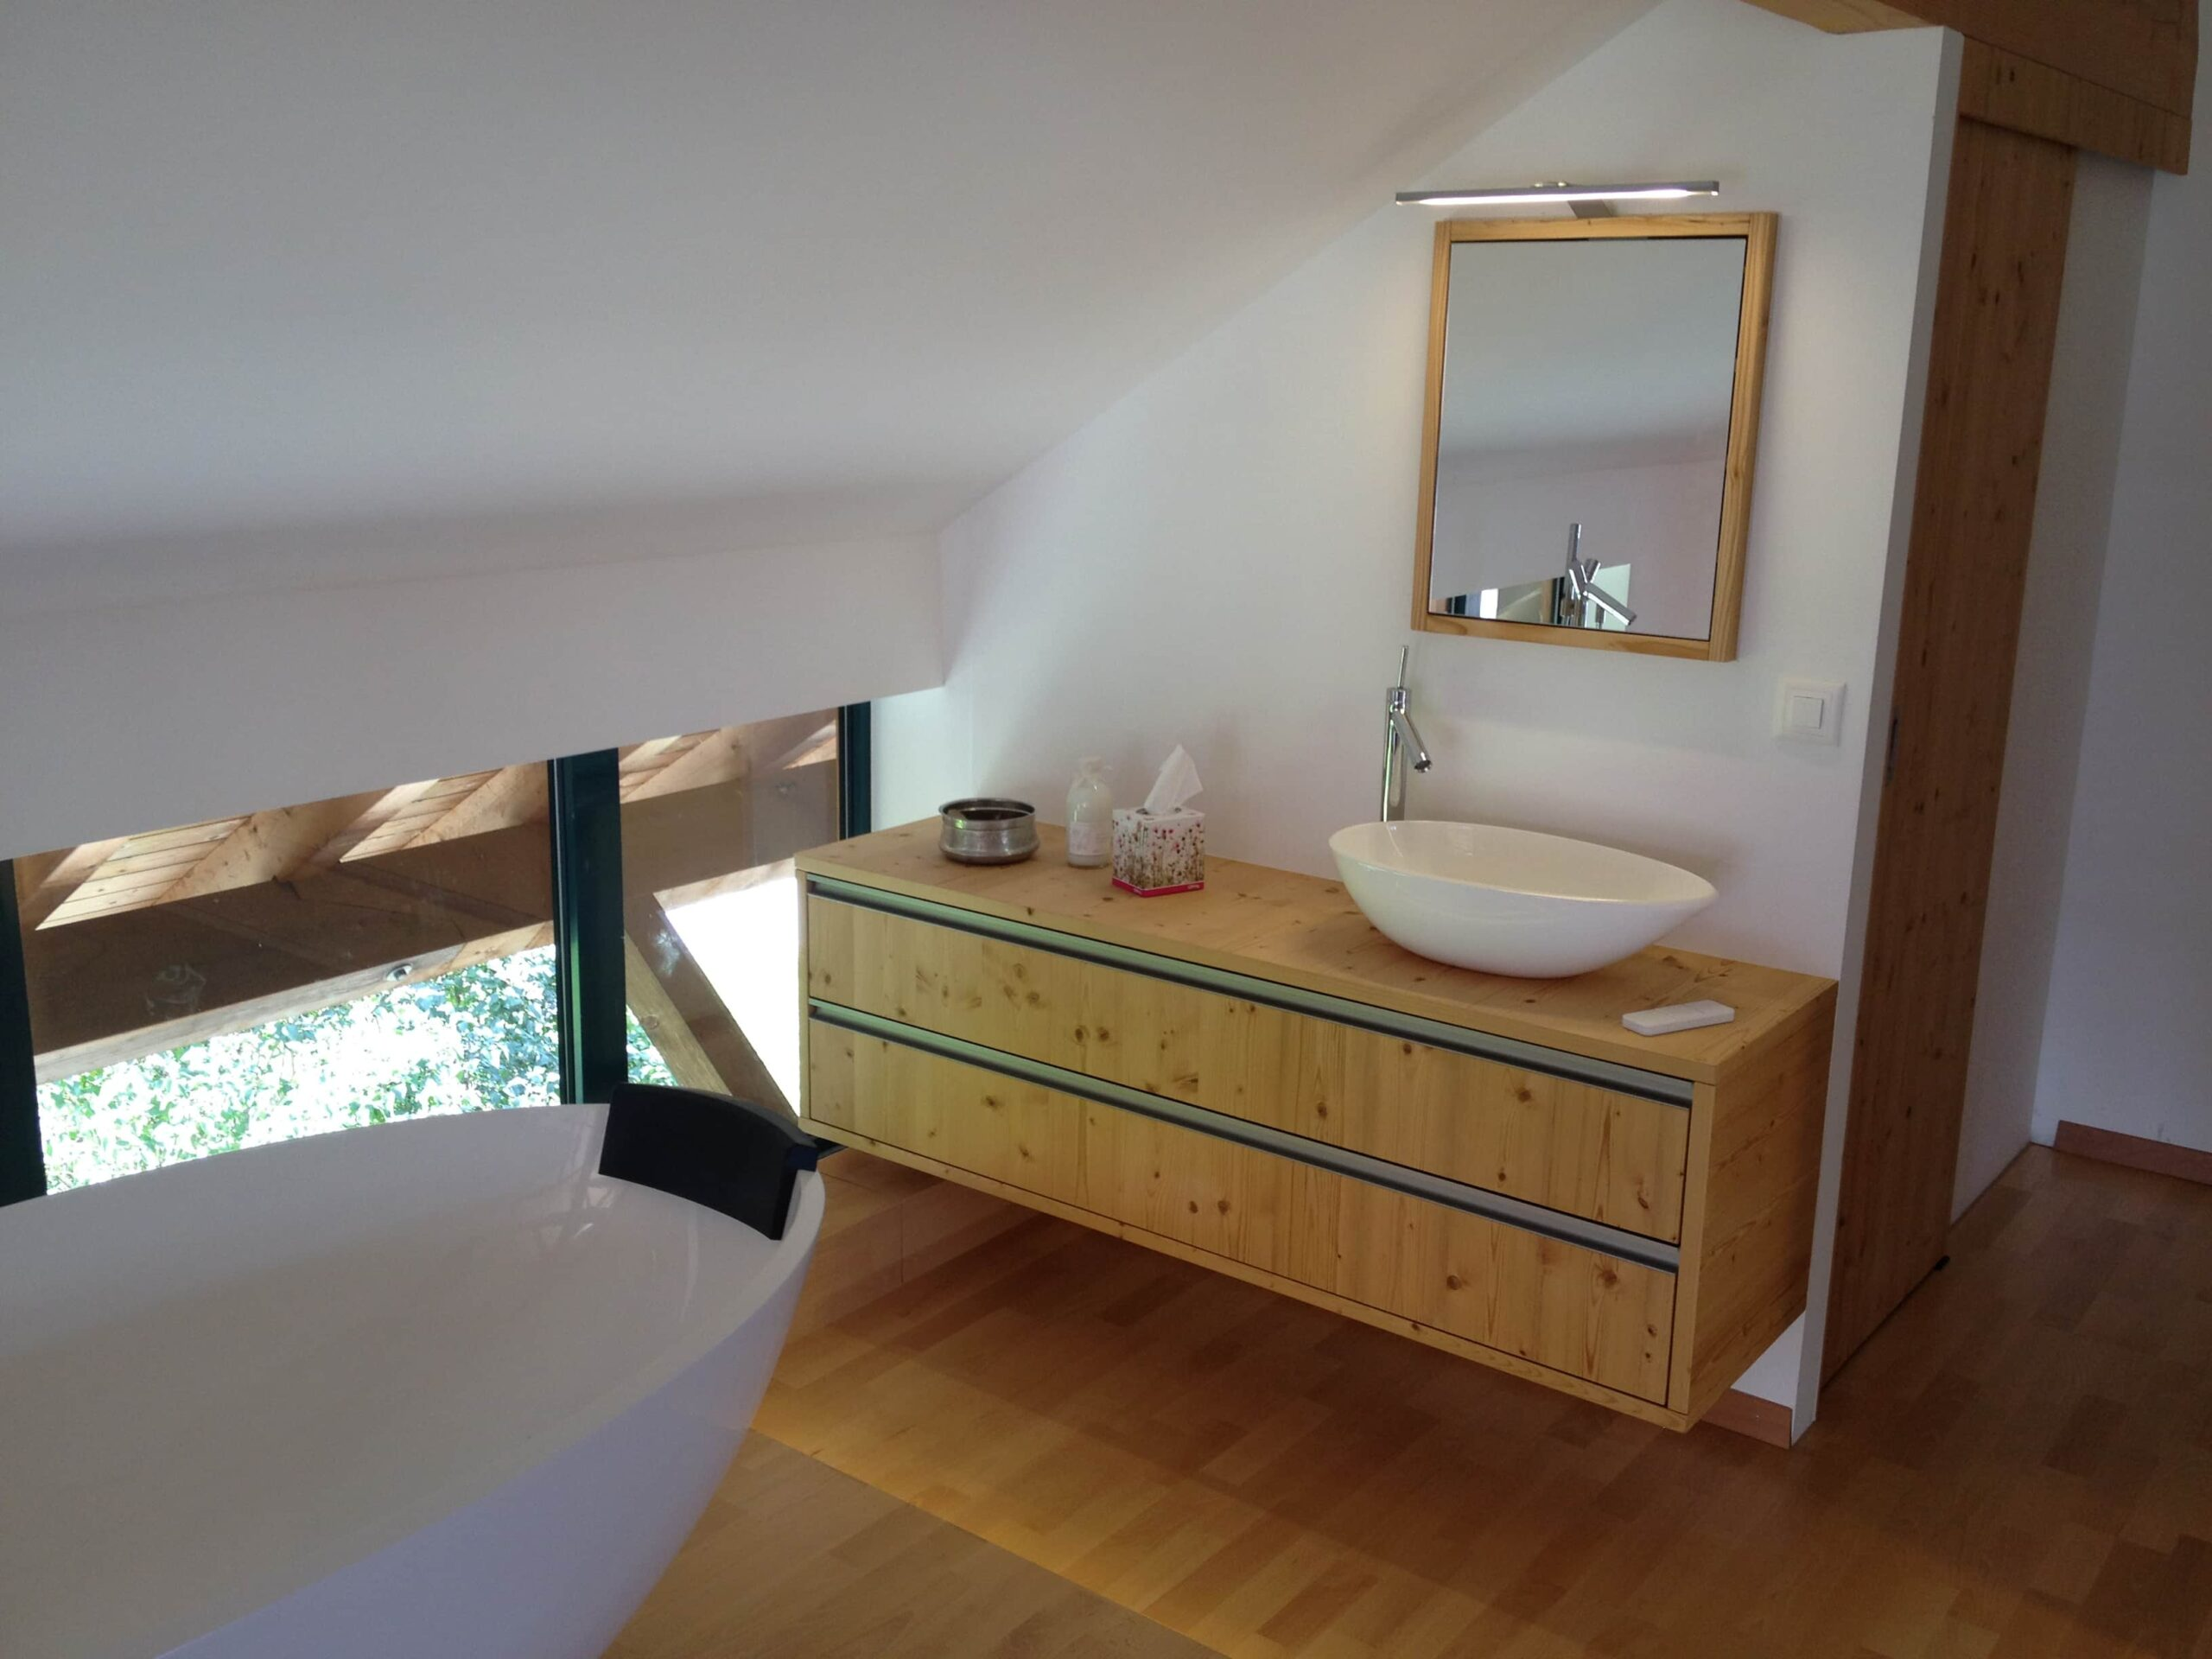 Wooddesign_Holzdesign_Plasselb_Loftwohnung_offennes Schlafzimmer und Bad_freistehende Badewanne_Parkett_ Ankleide_WC (8)-min